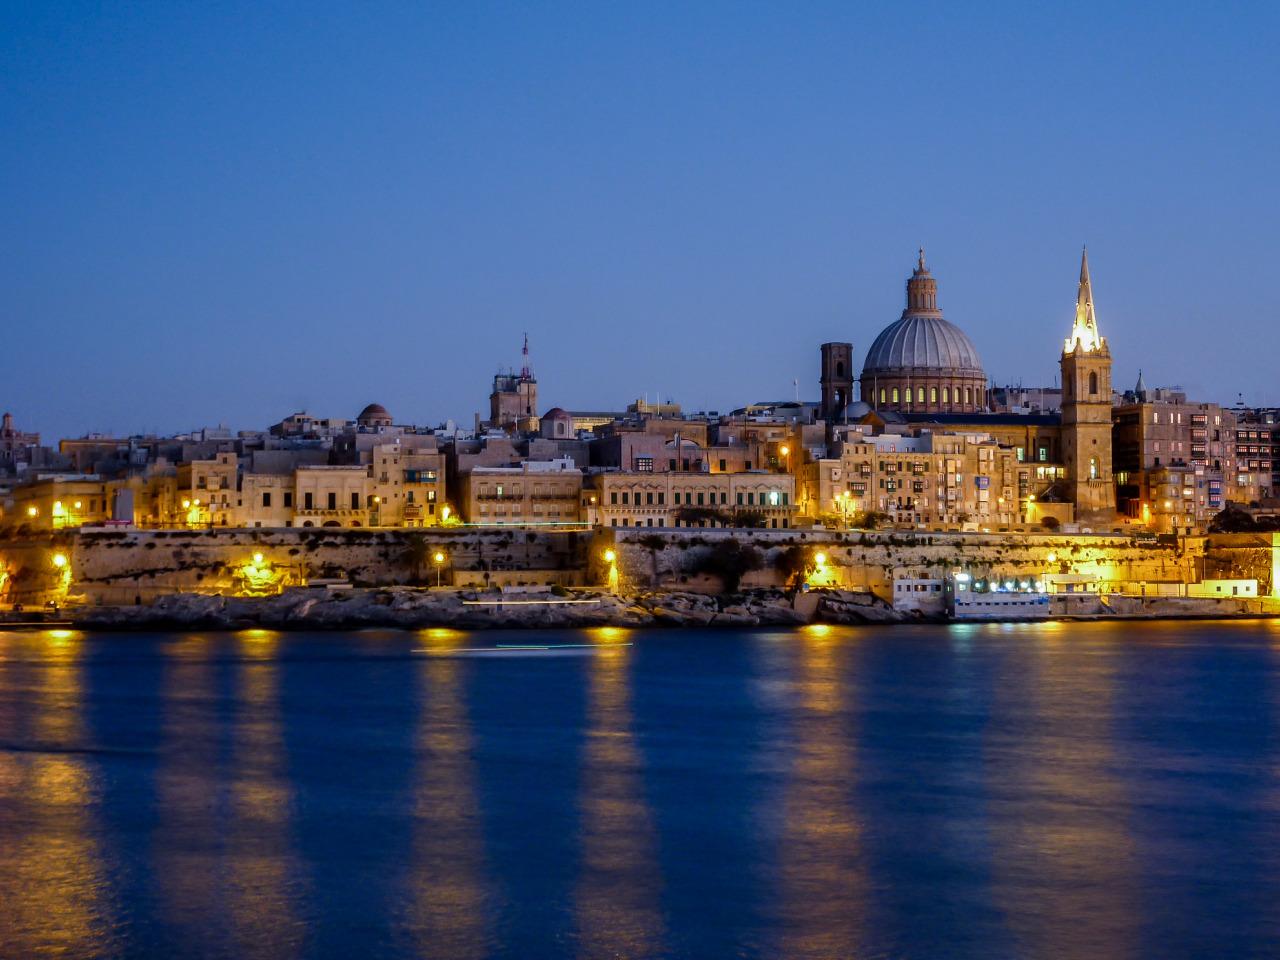 Въездной турпорток наМальту изРоссии увеличился на34% впервом квартале 2019 года